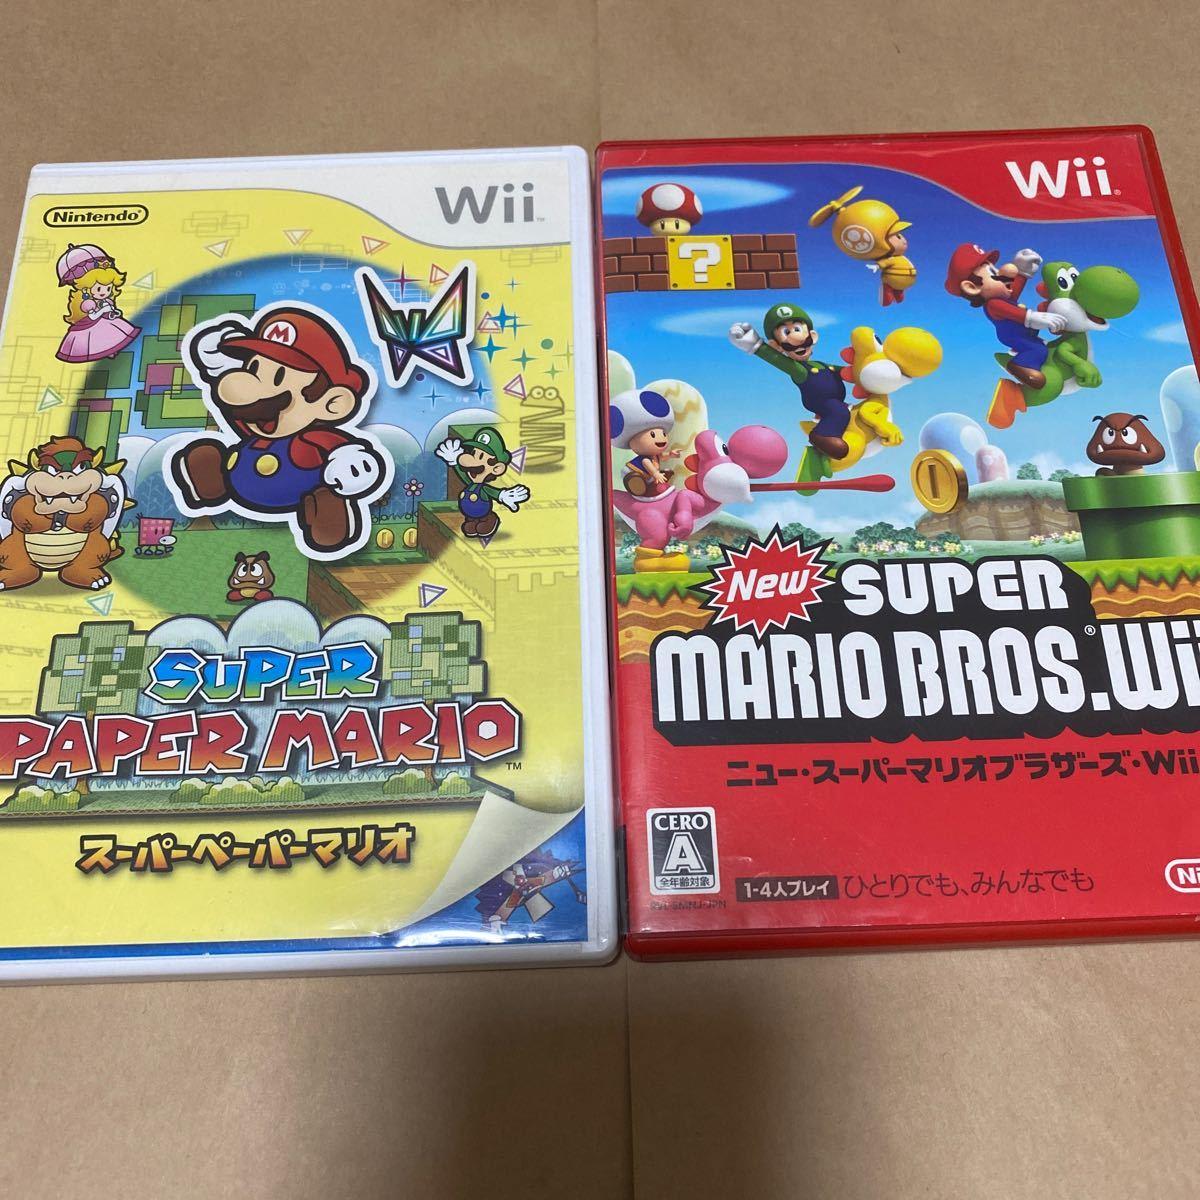 【Wii】 スーパーペーパーマリオとNew スーパーマリオブラザーズ